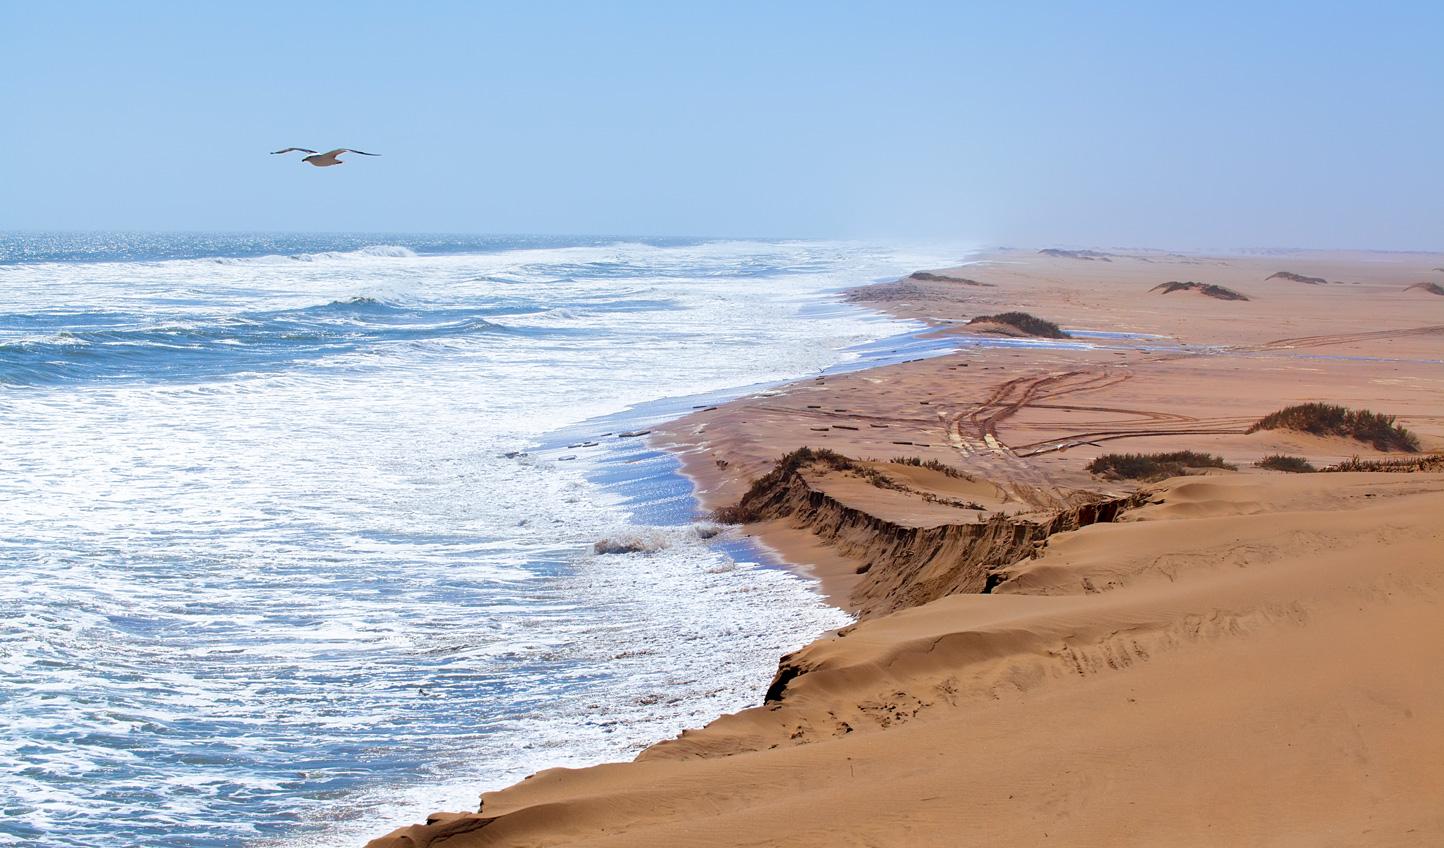 Take in the sand carved coastline